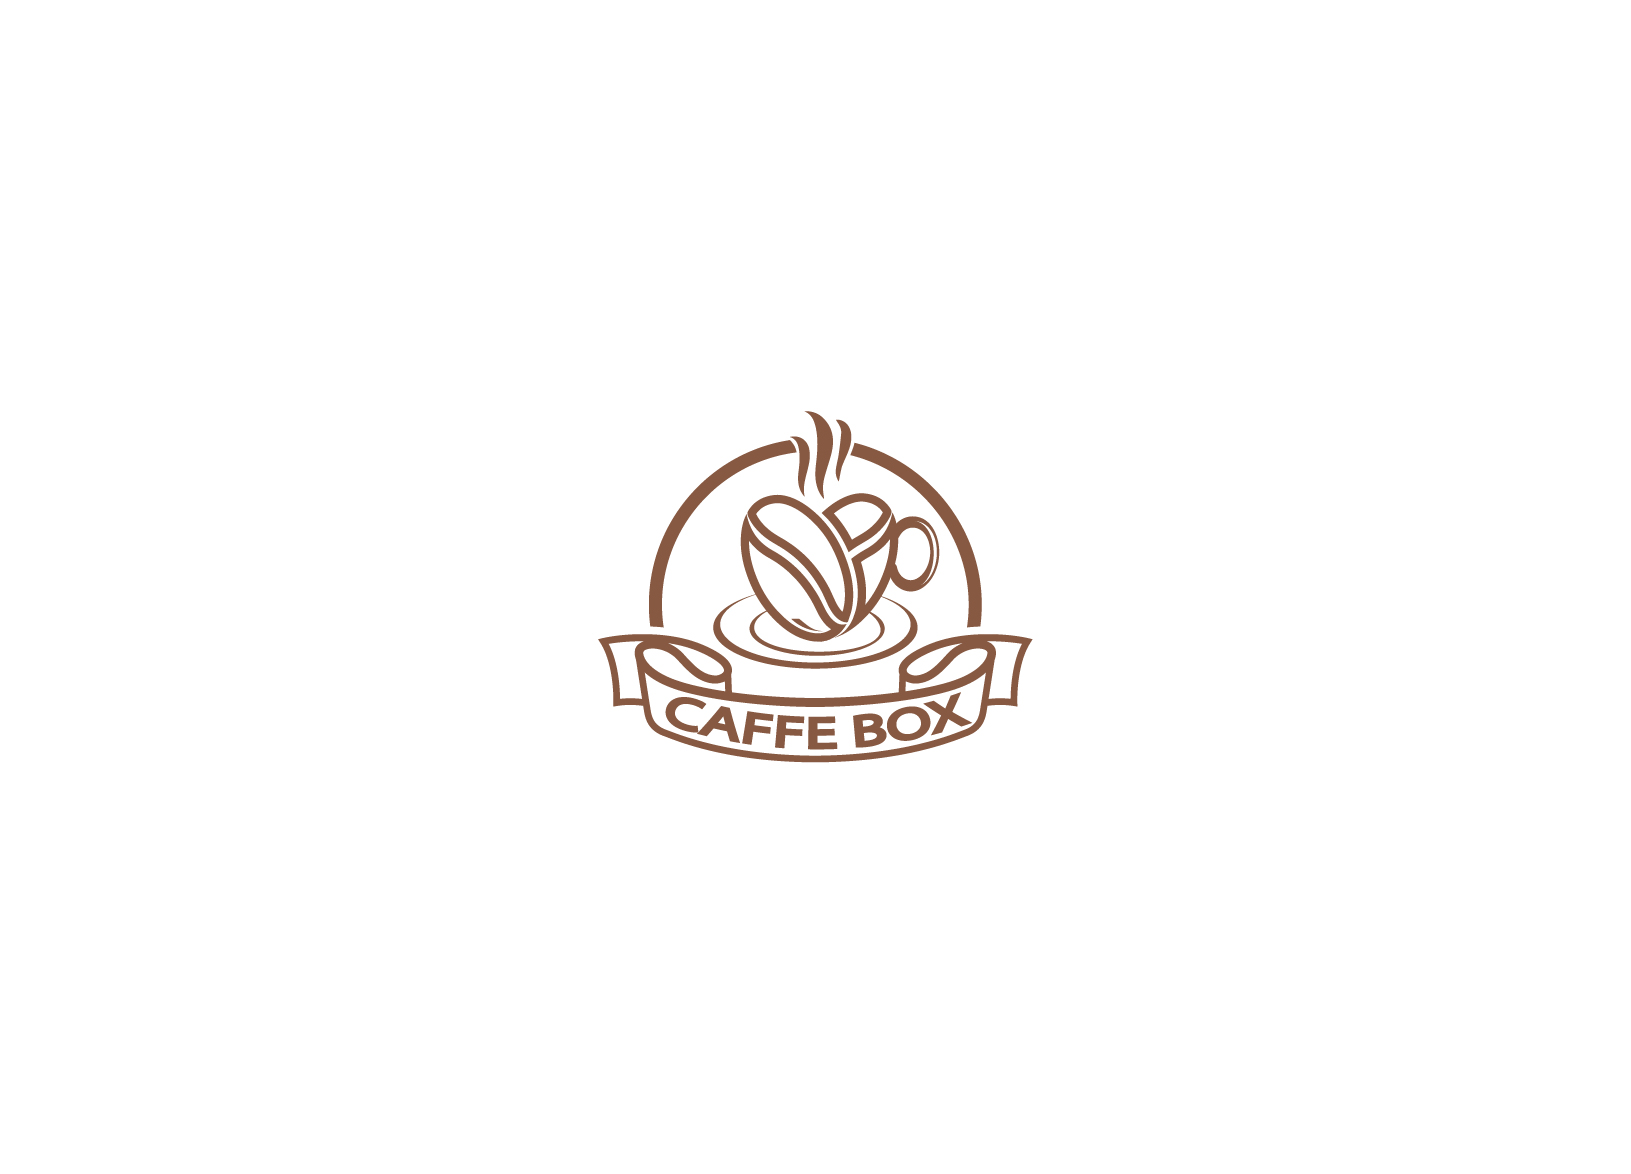 Требуется очень срочно разработать логотип кофейни! фото f_3415a0a92d766f95.jpg